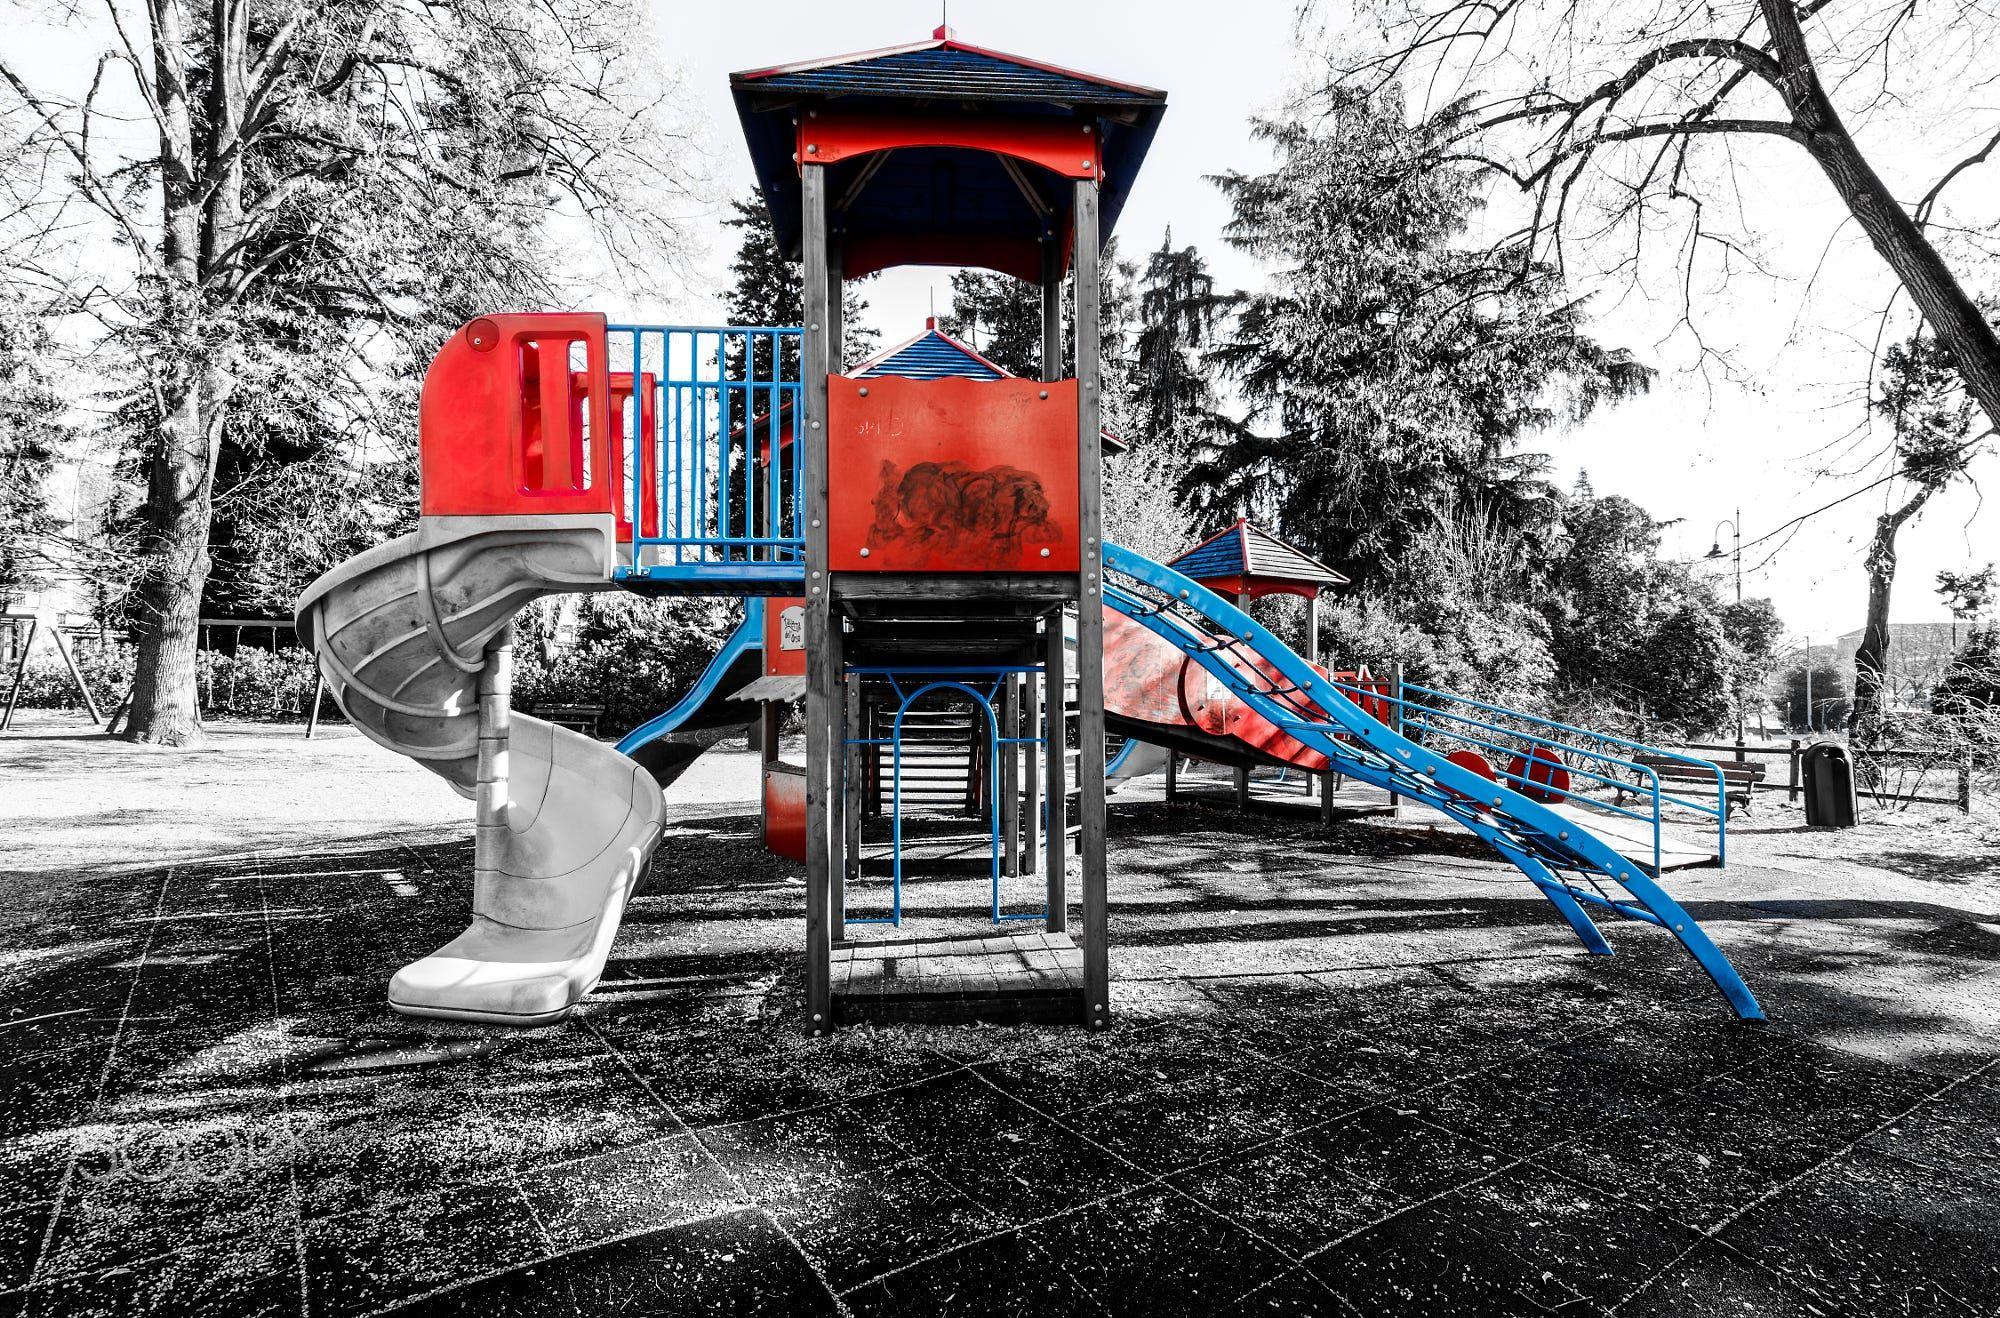 Urban Exploration: Sei pronto per giocare? by maxrastello https://t.co/wduXl3Ixv5   #500px #photography #photos https://t.co/4DNuxPzJbJ # #photography